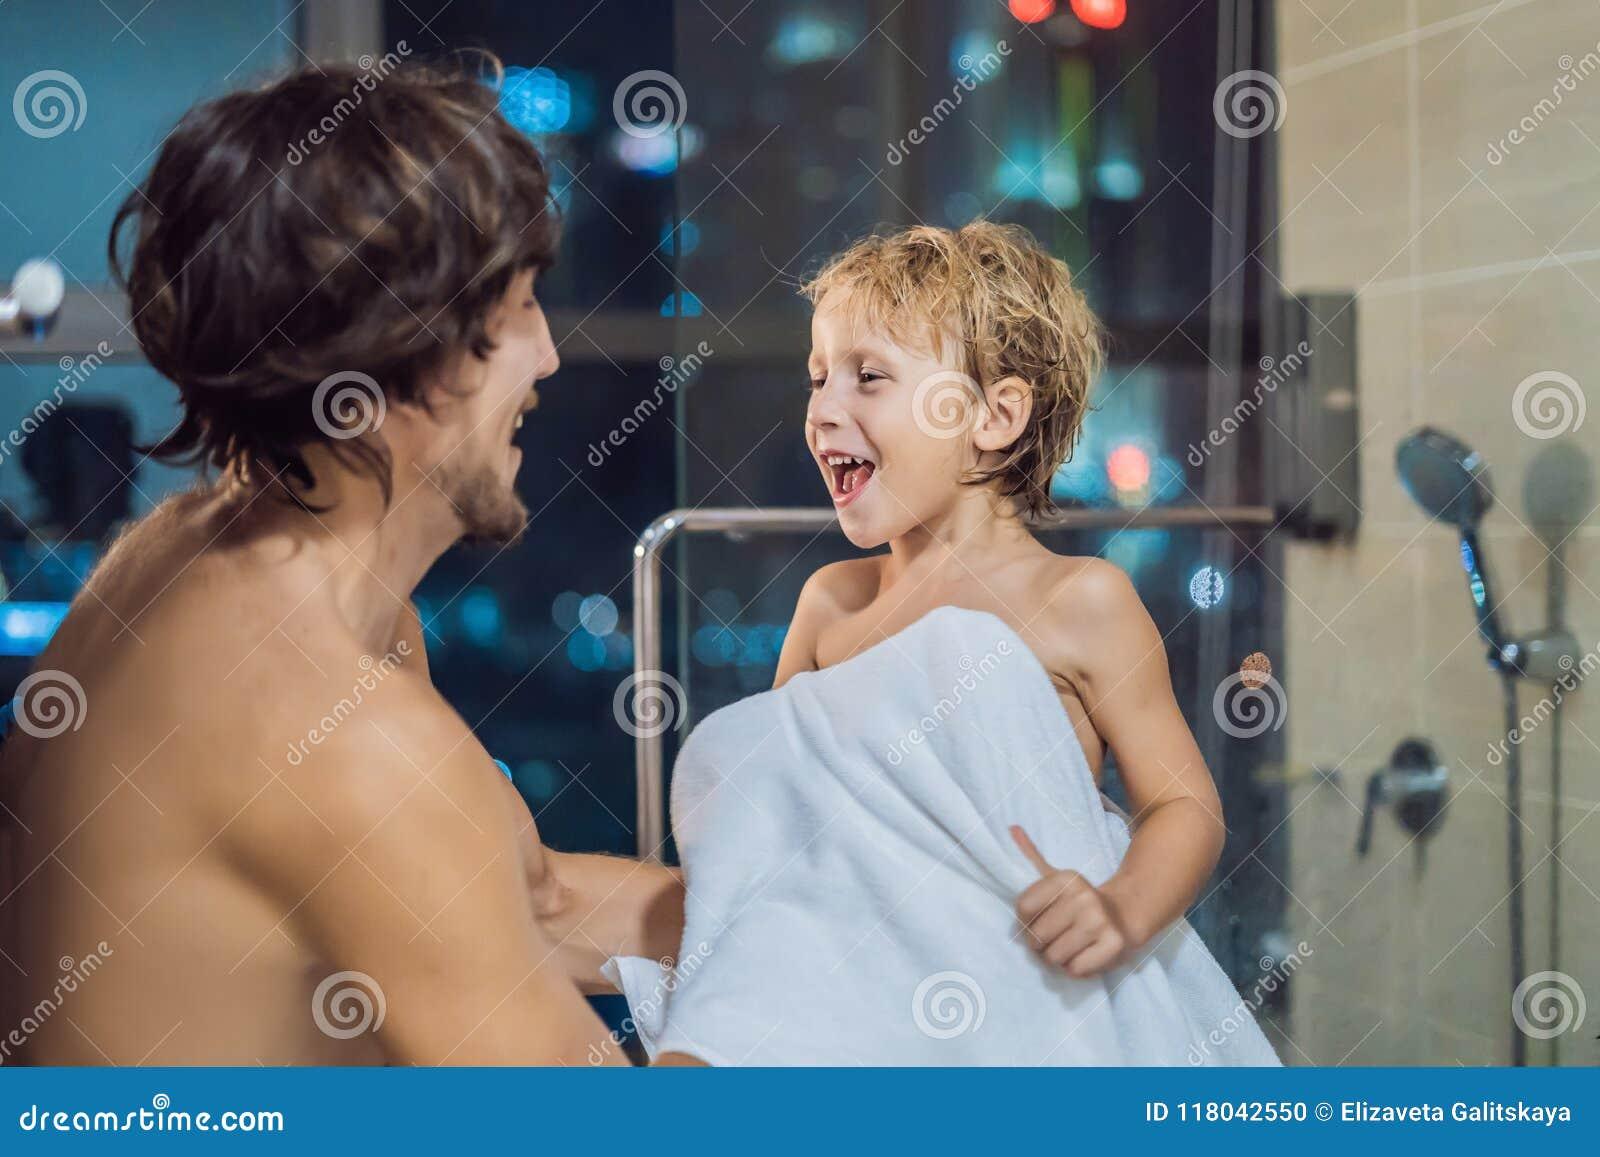 O paizinho limpa seu filho com uma toalha após um chuveiro no bef de nivelamento